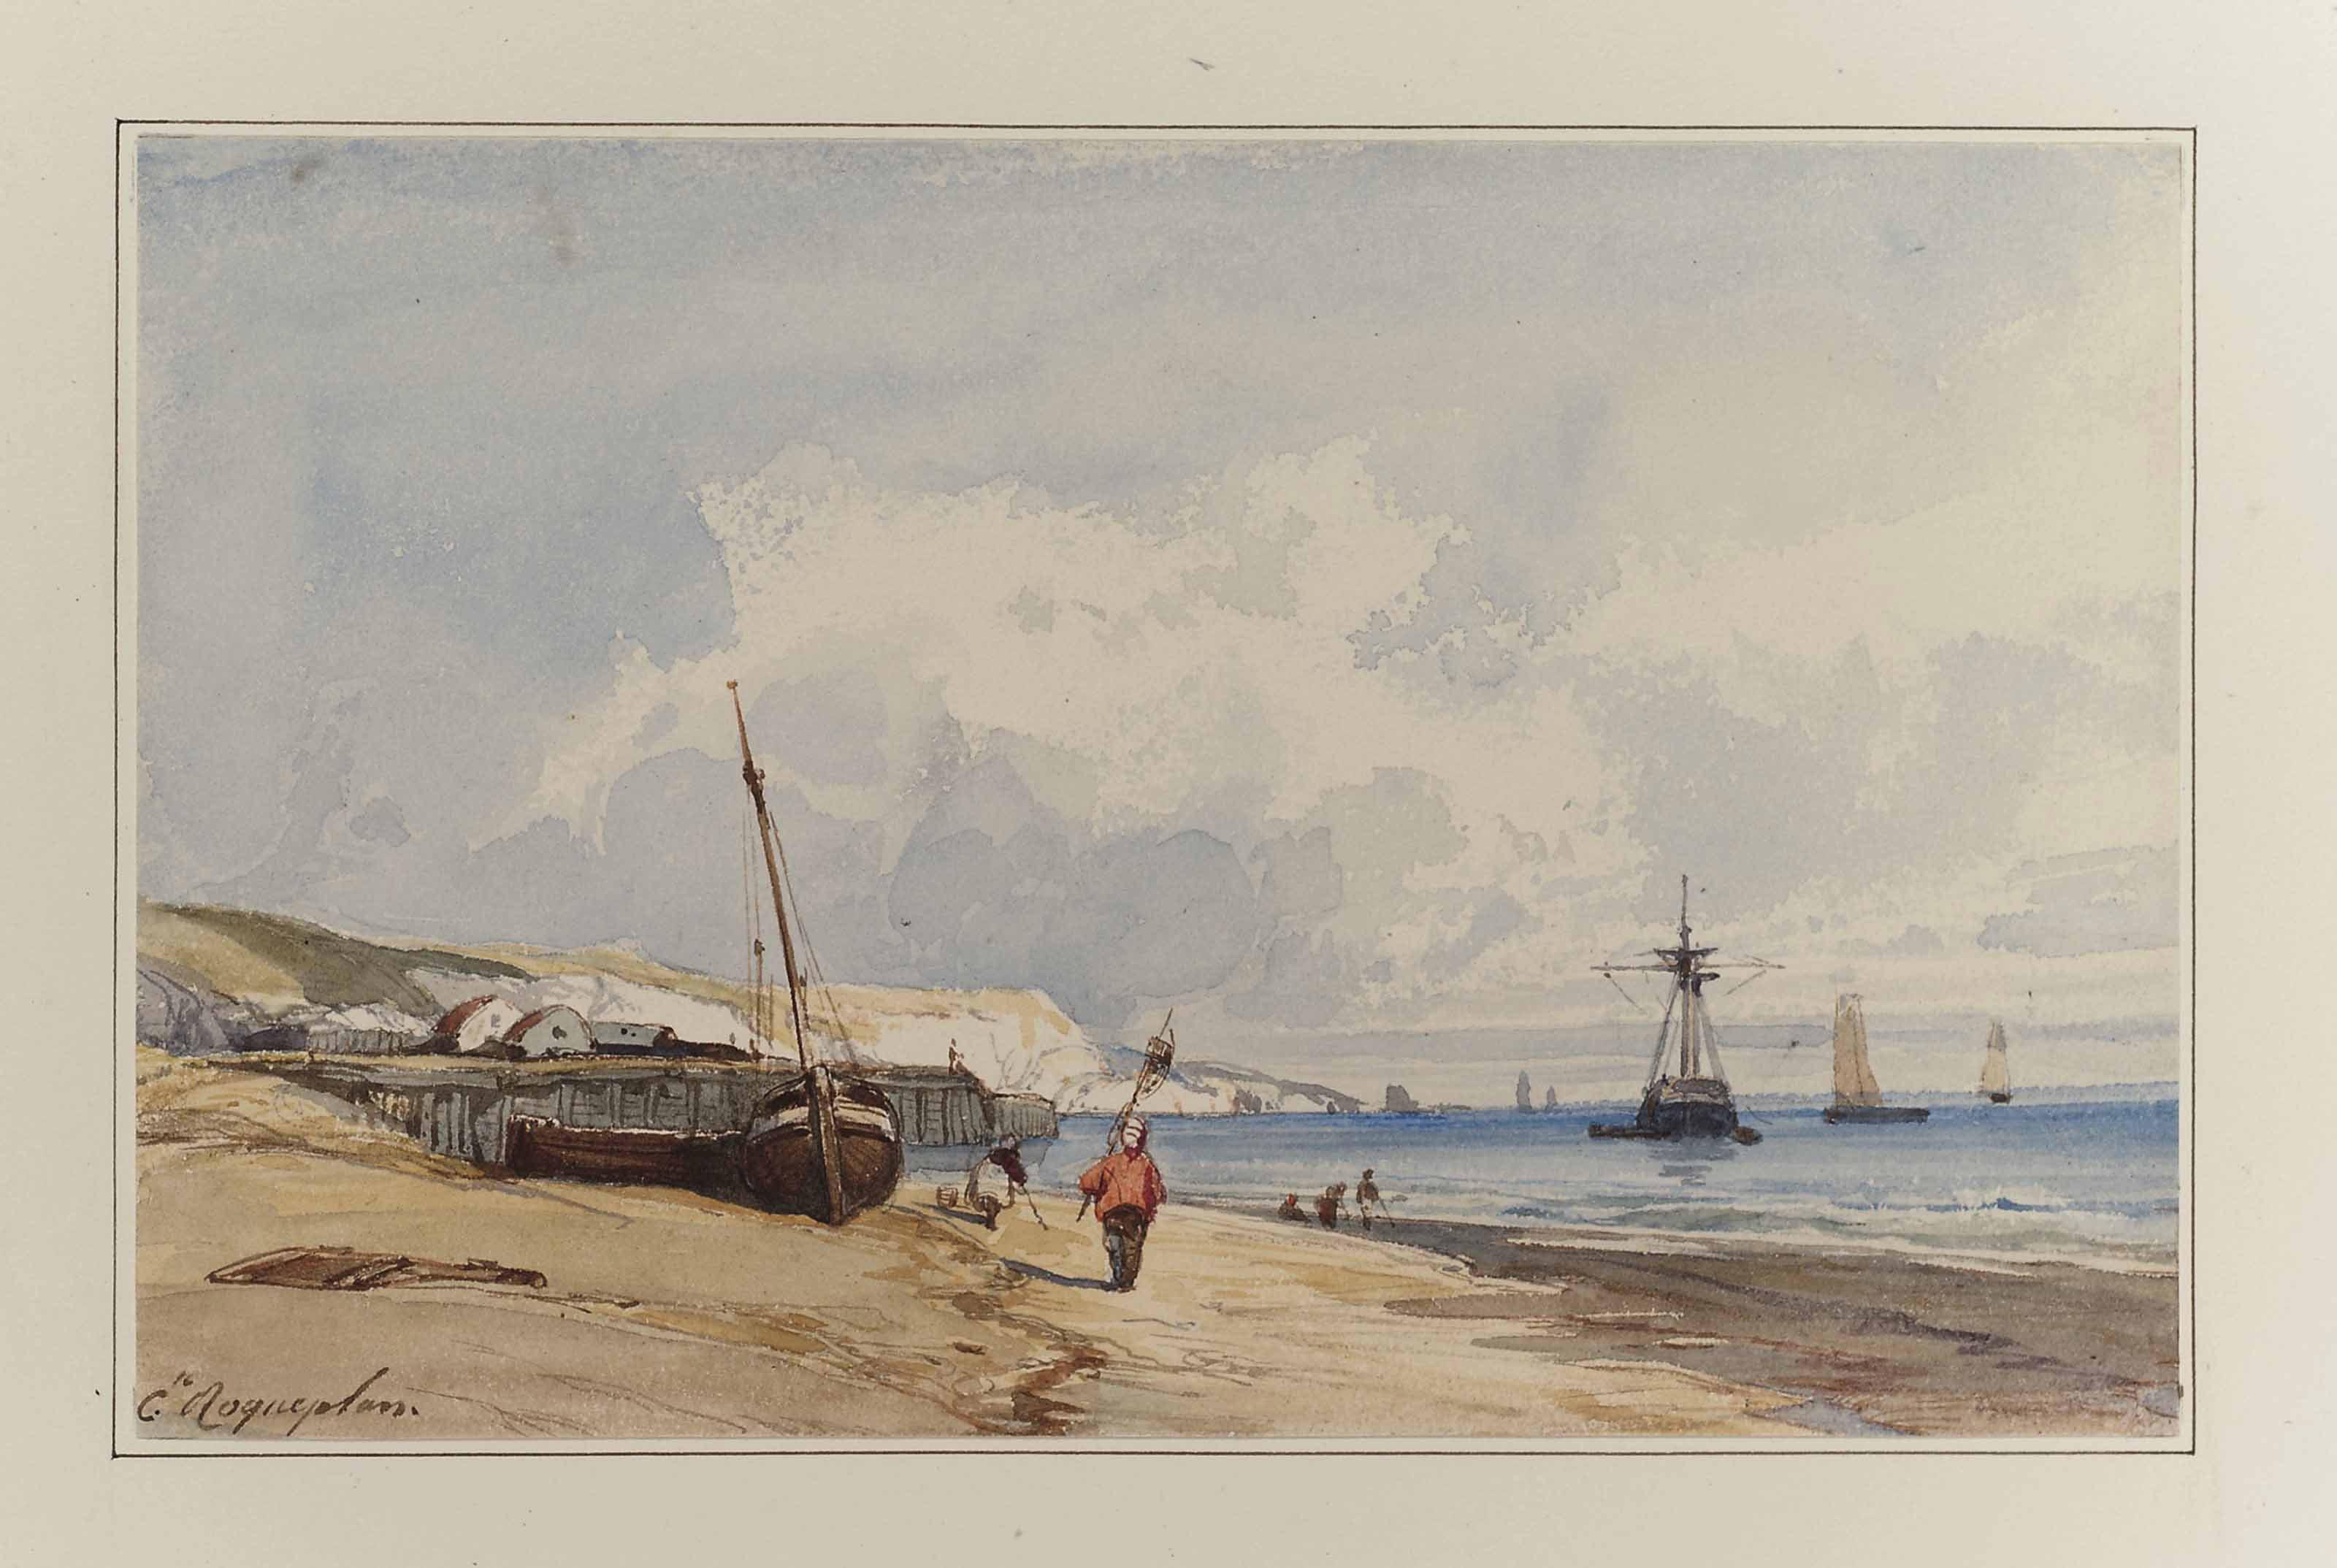 Camille-Joseph-Etienne Roquepl